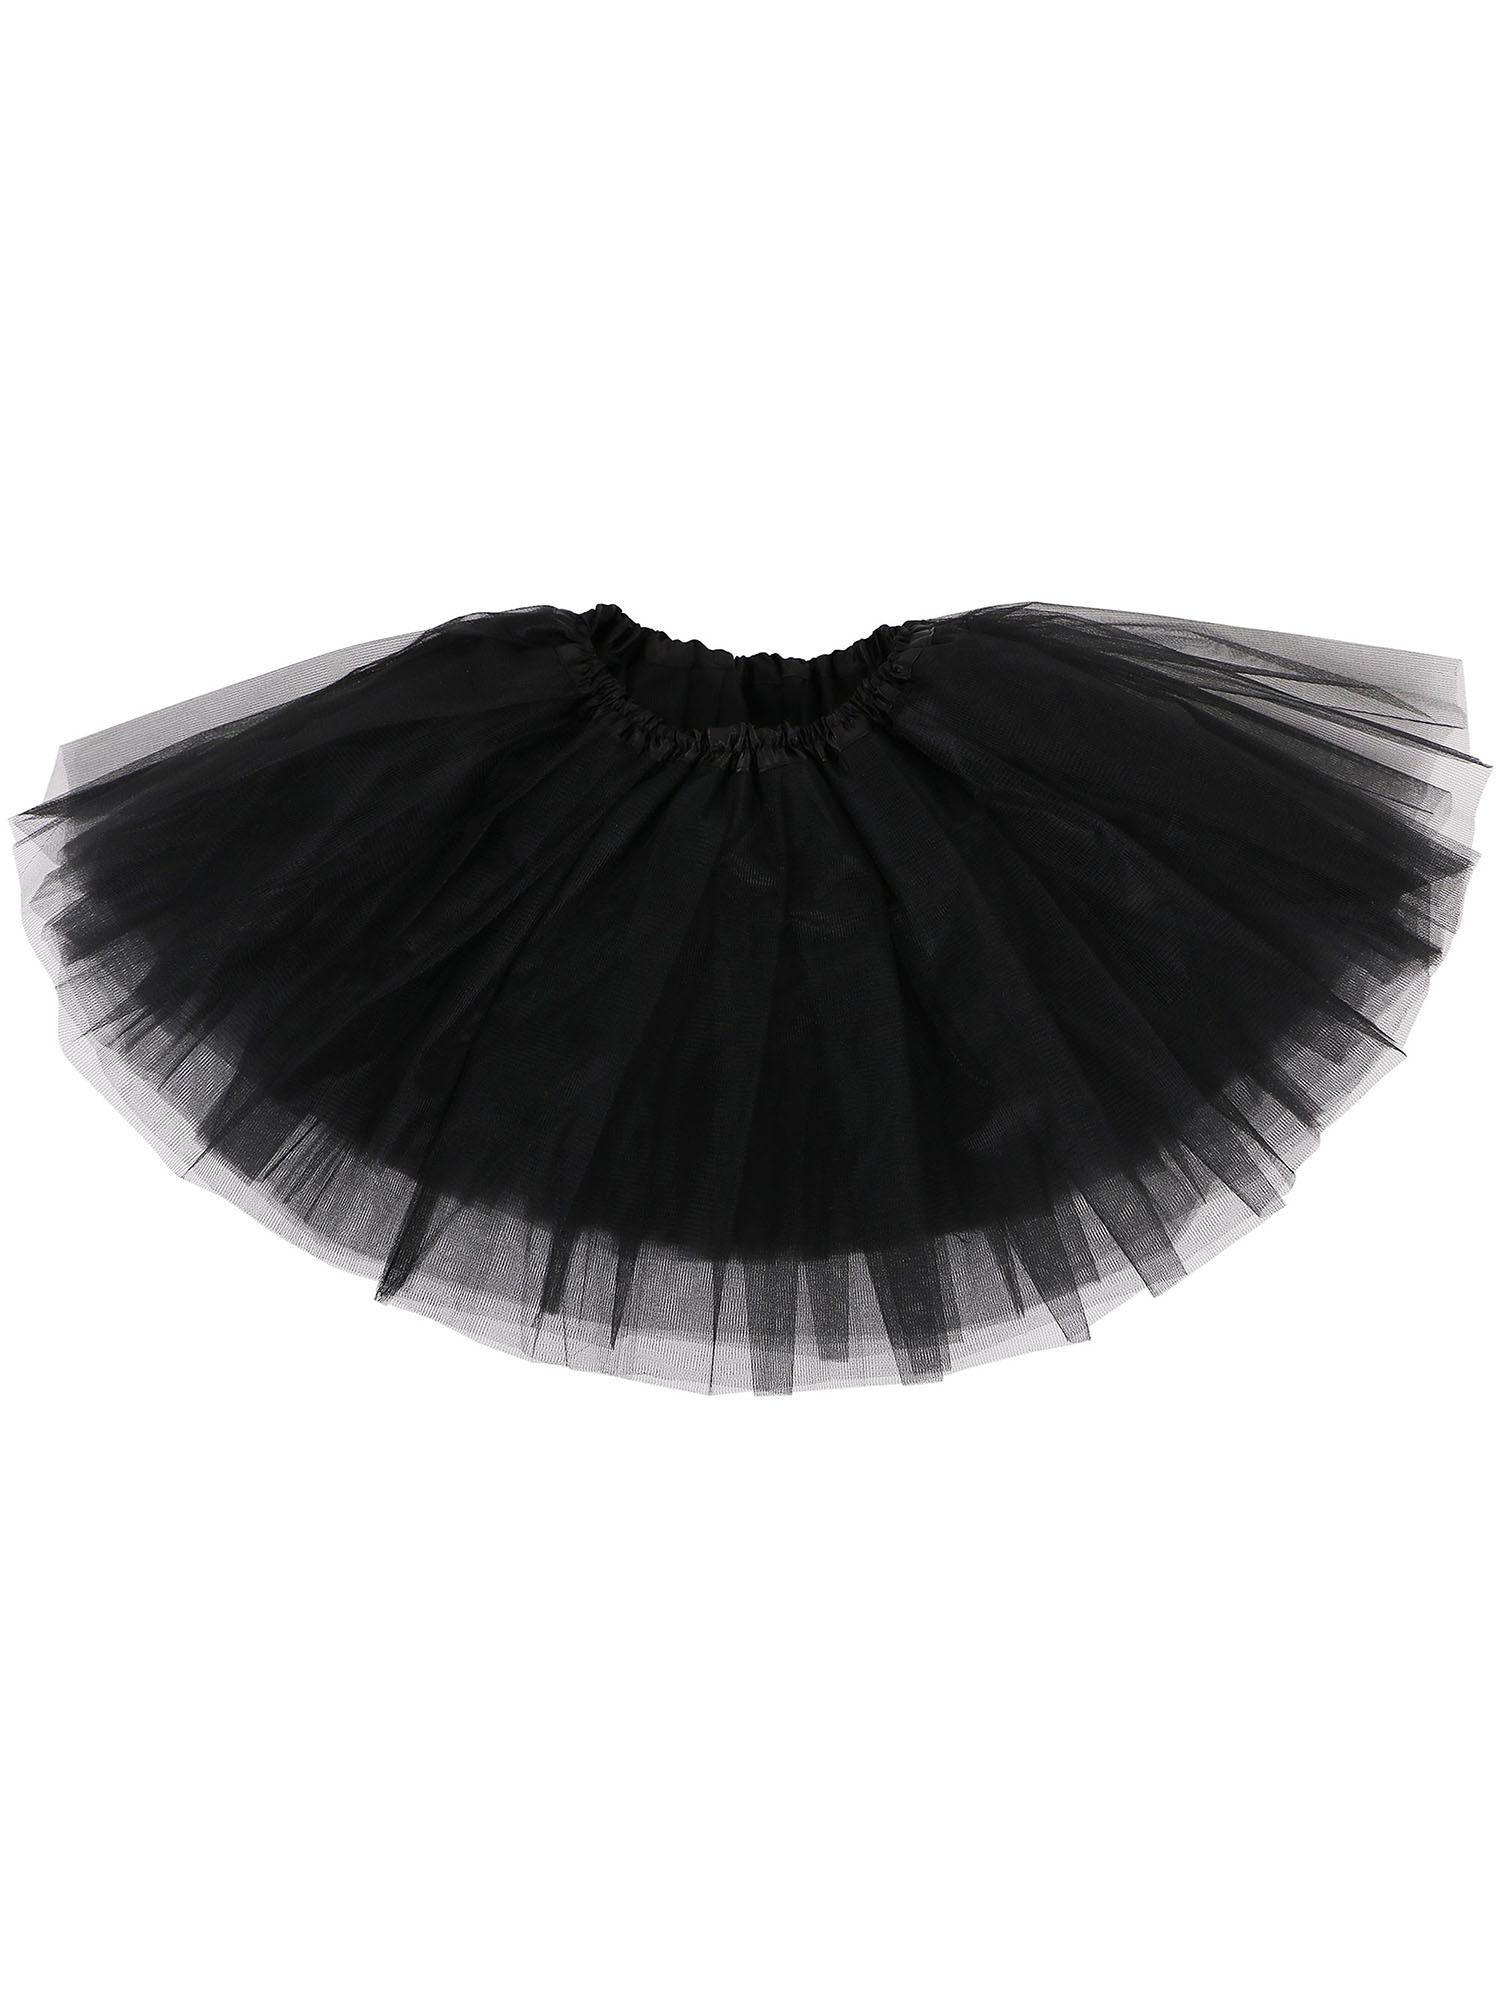 Girl Petticoat Ballet Dance Fluffy Tutu Skirt w/ Elastic Waist